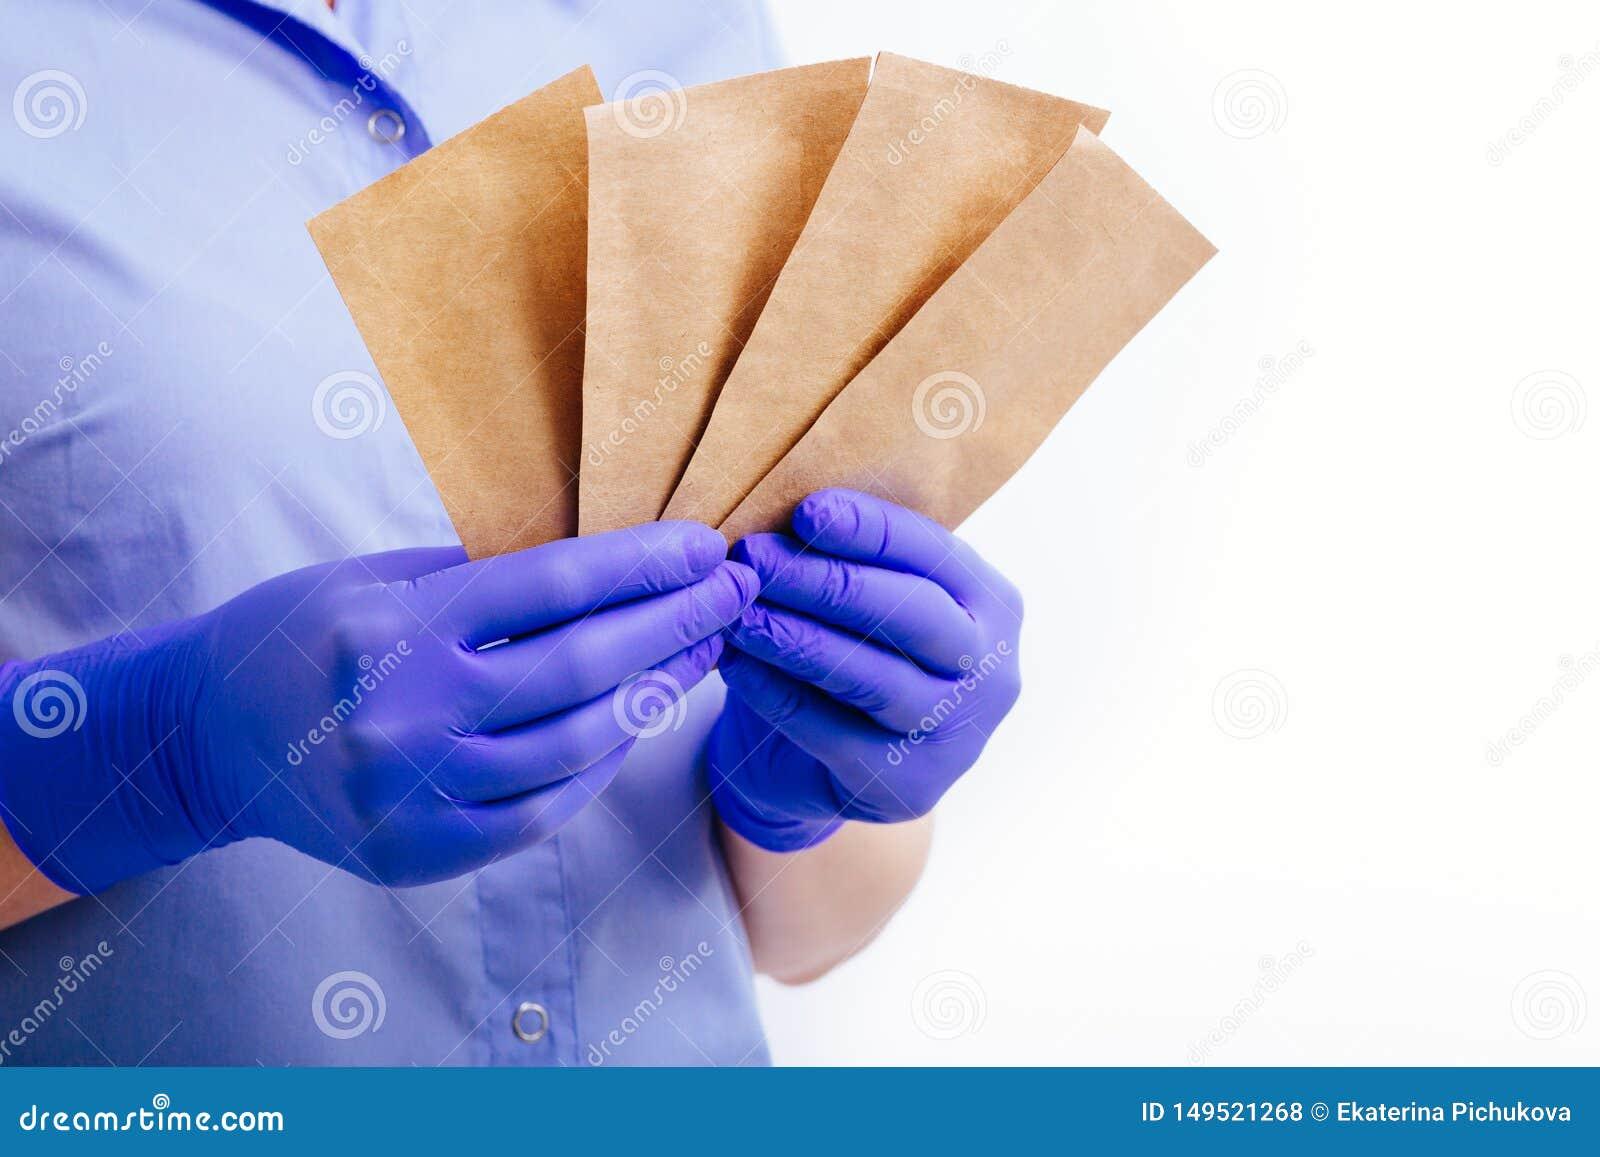 Zakken voor de sterilisatie van instrumenten in de handen bekleed in steriele handschoenen